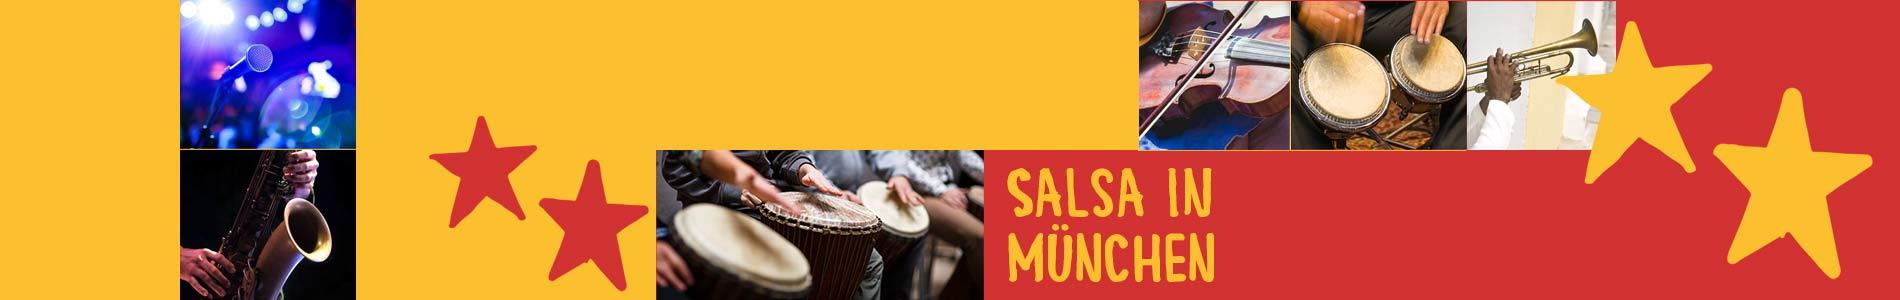 Salsa in München – Salsa lernen und tanzen, Tanzkurse, Partys, Veranstaltungen